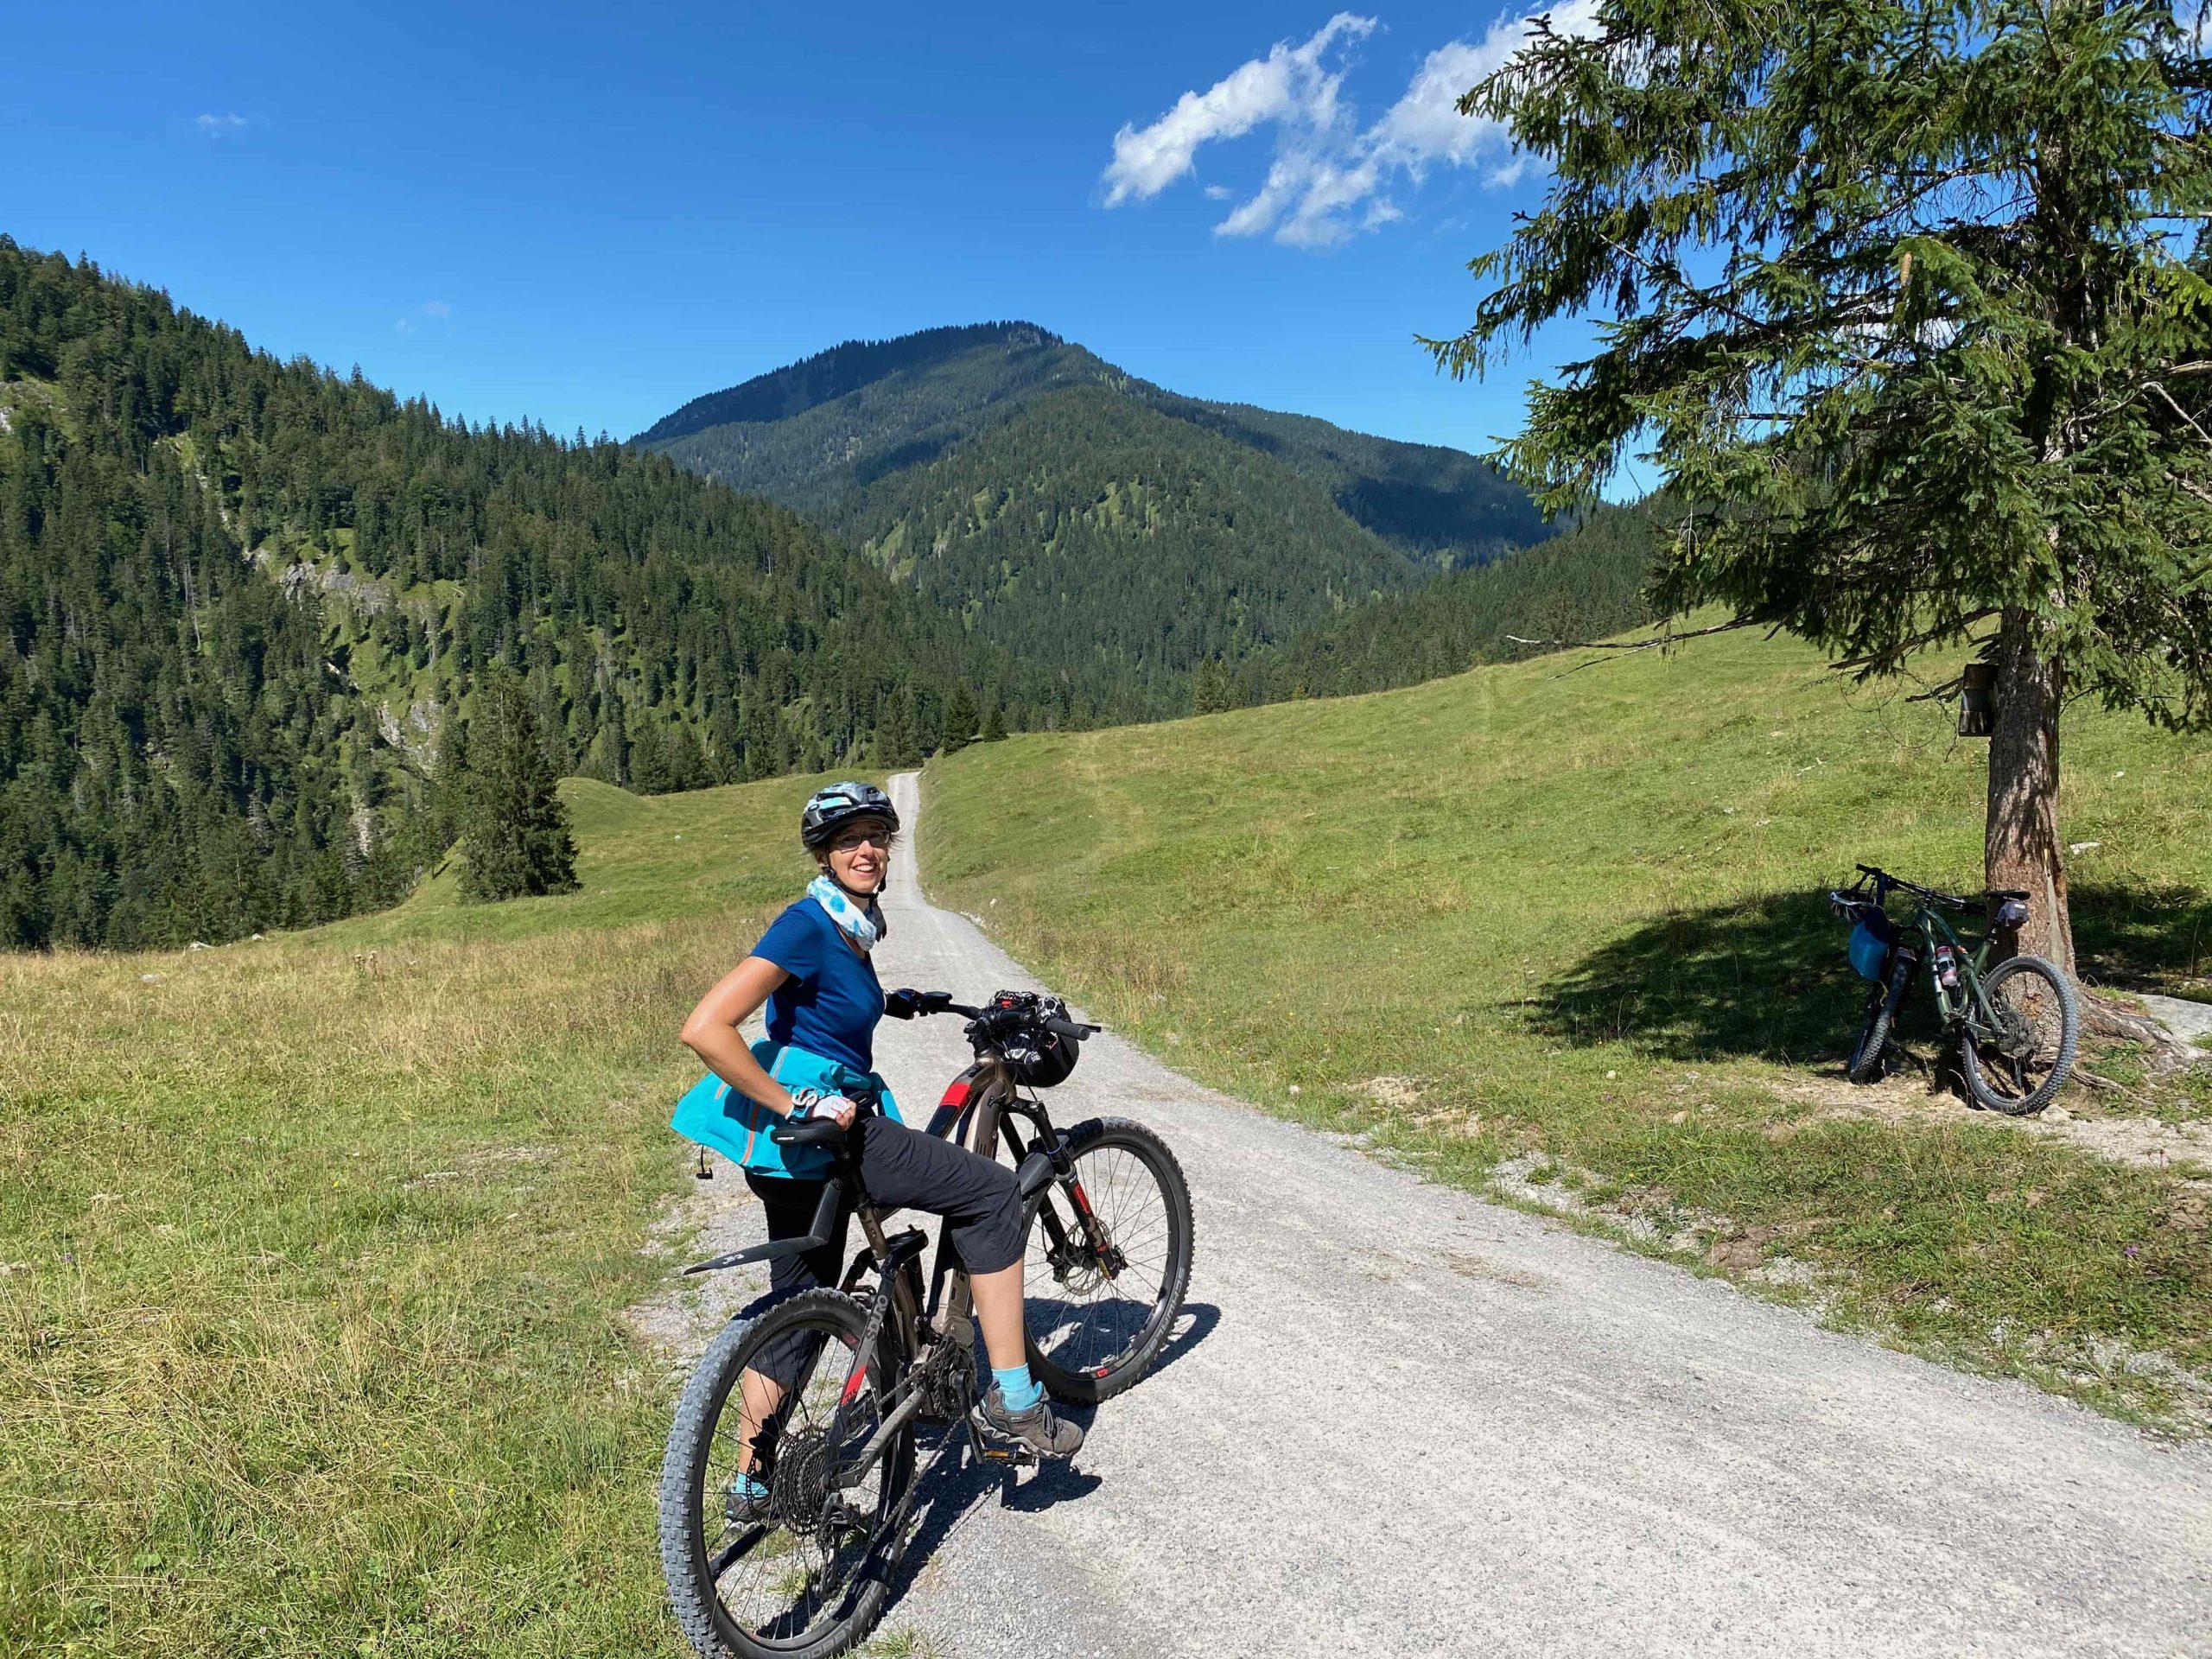 Nochmal Mountainbike